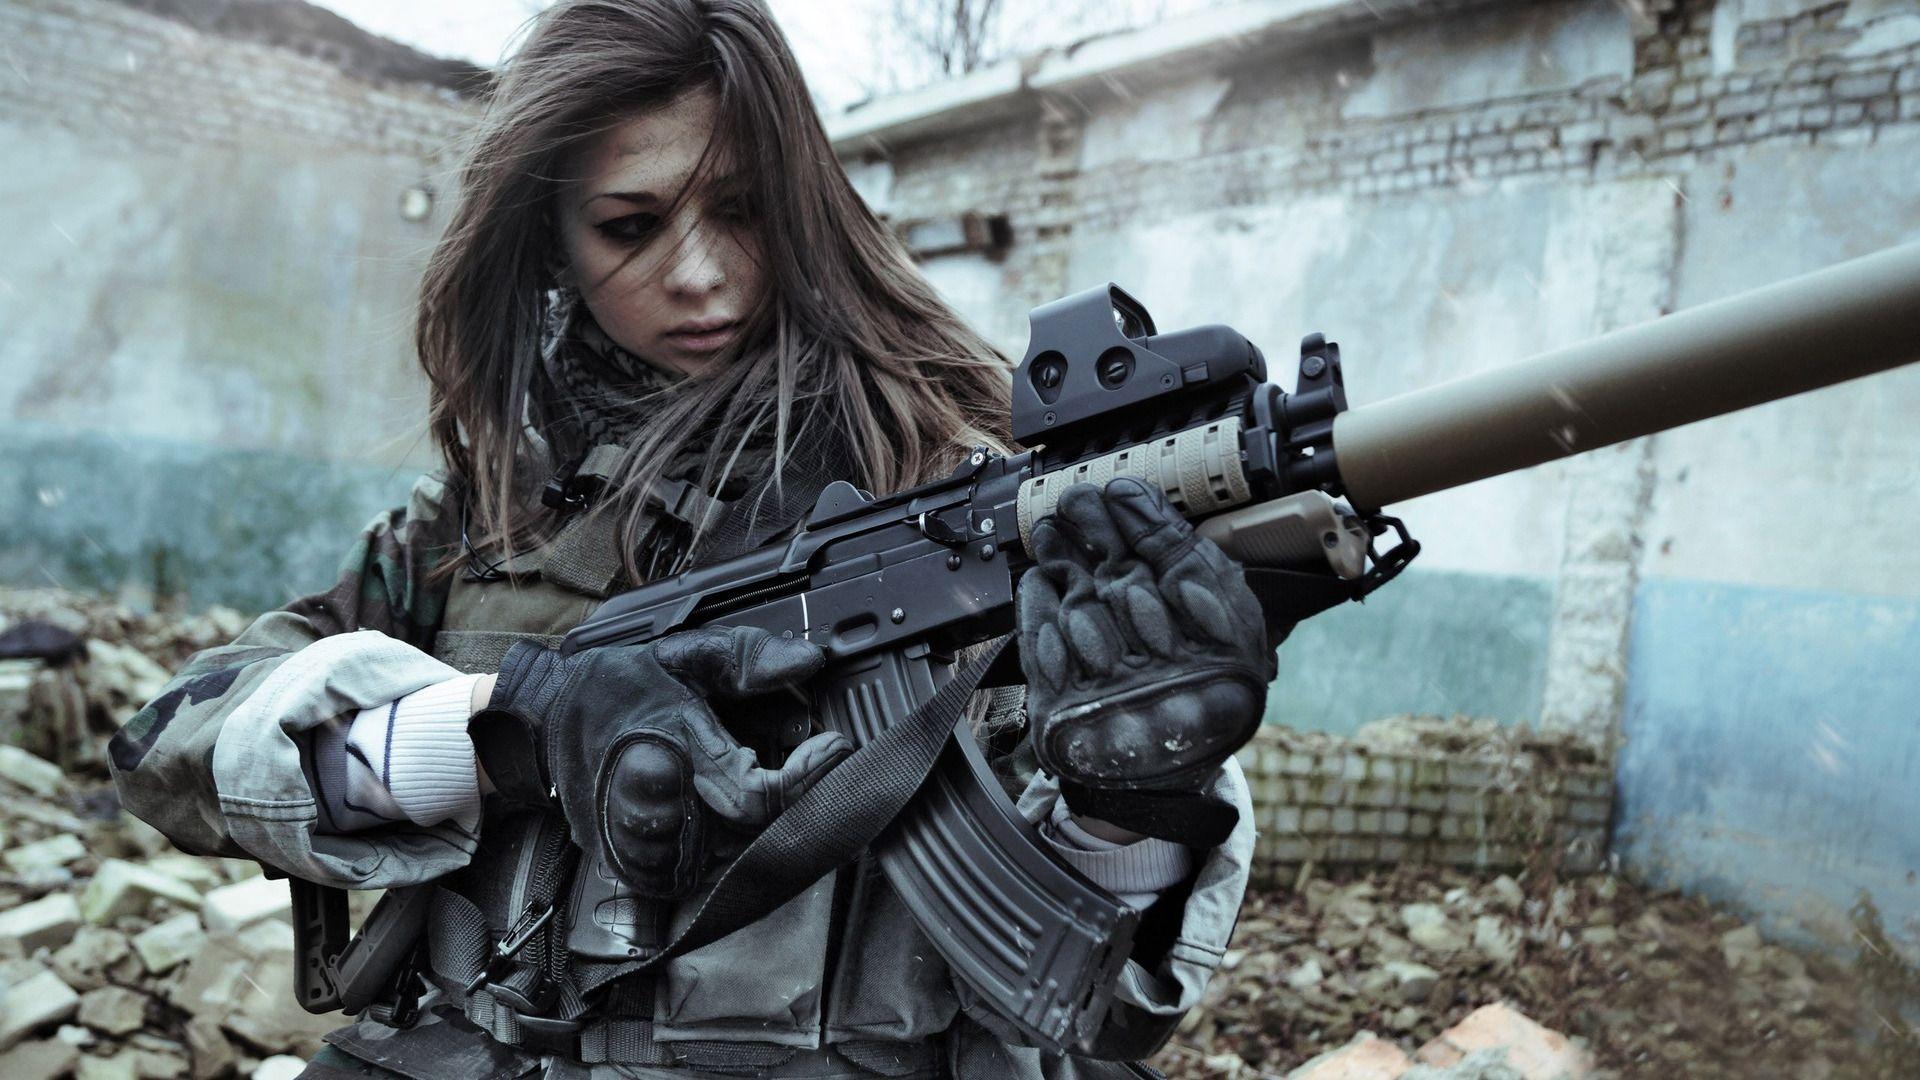 Woman Soldier wallpaper action figure in 2019 Girl guns Guns 1920x1080